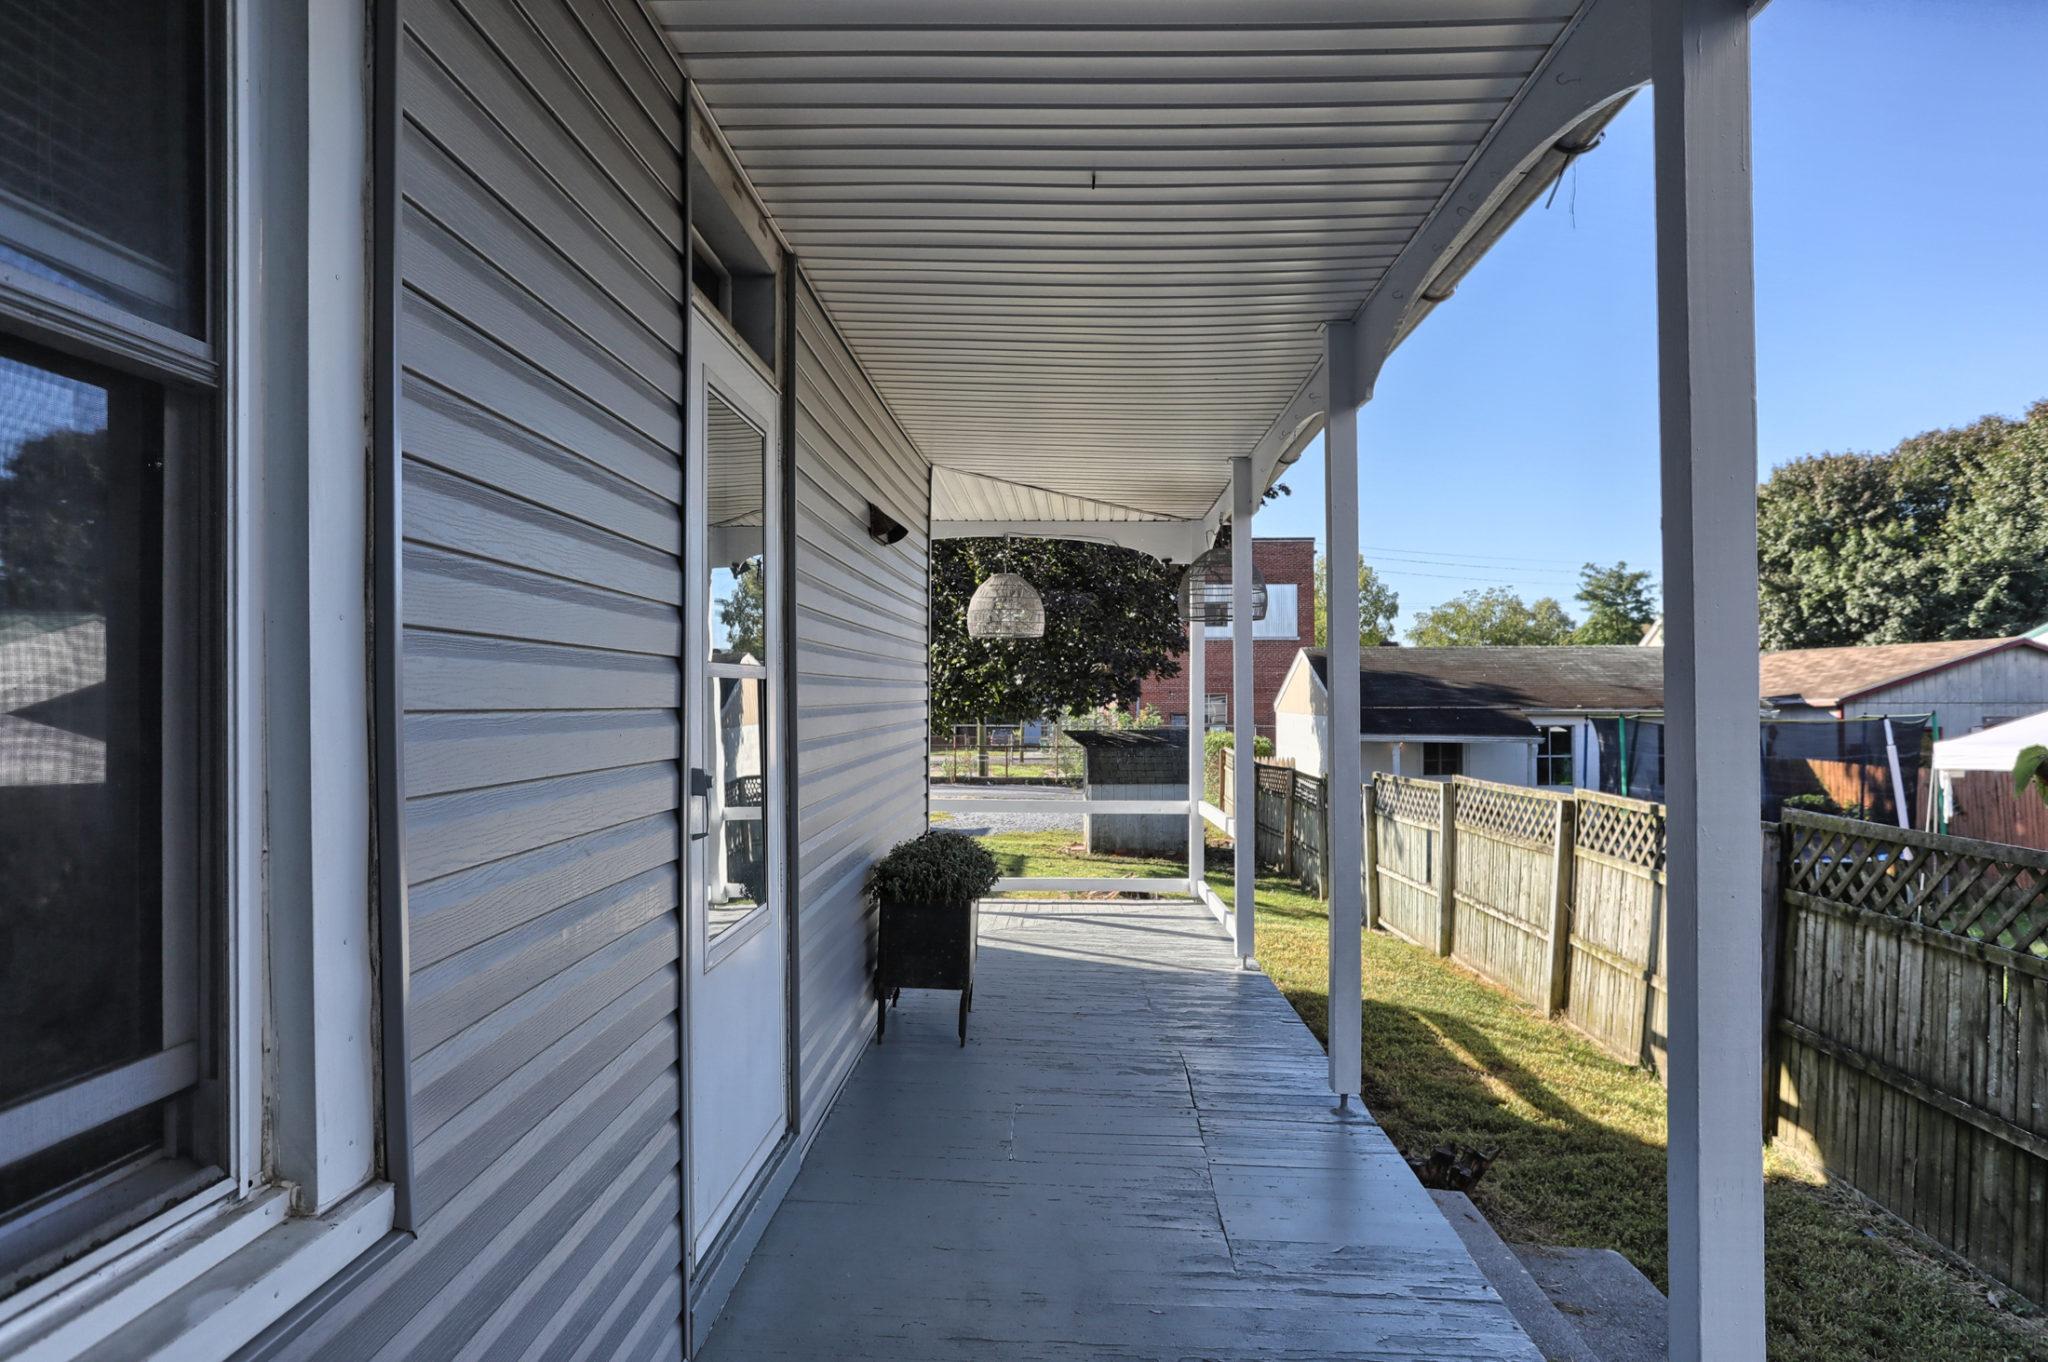 12 E. Maple Avenue - side porch 2